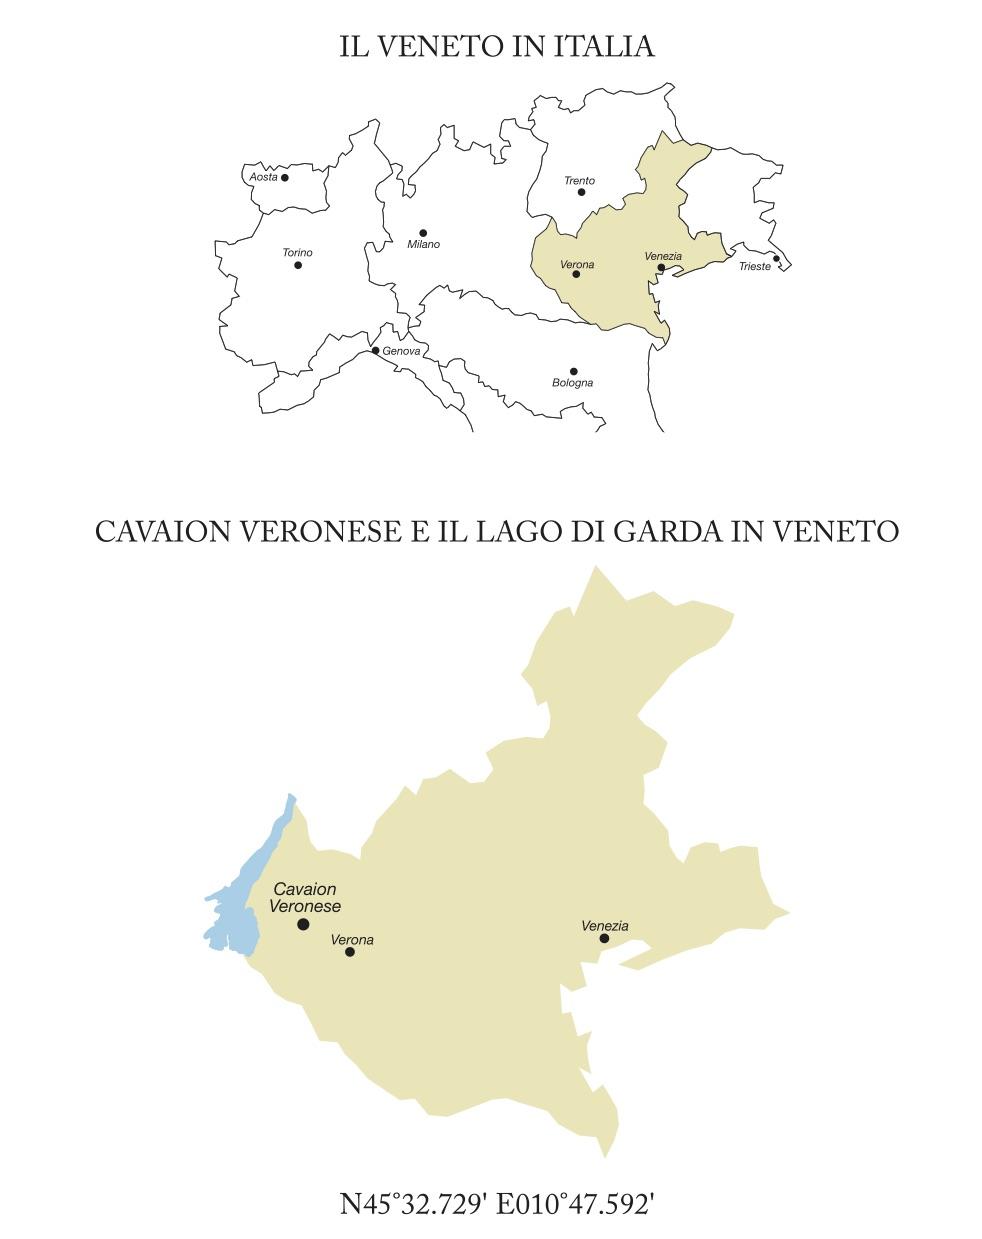 Mappa Veneto.jpg